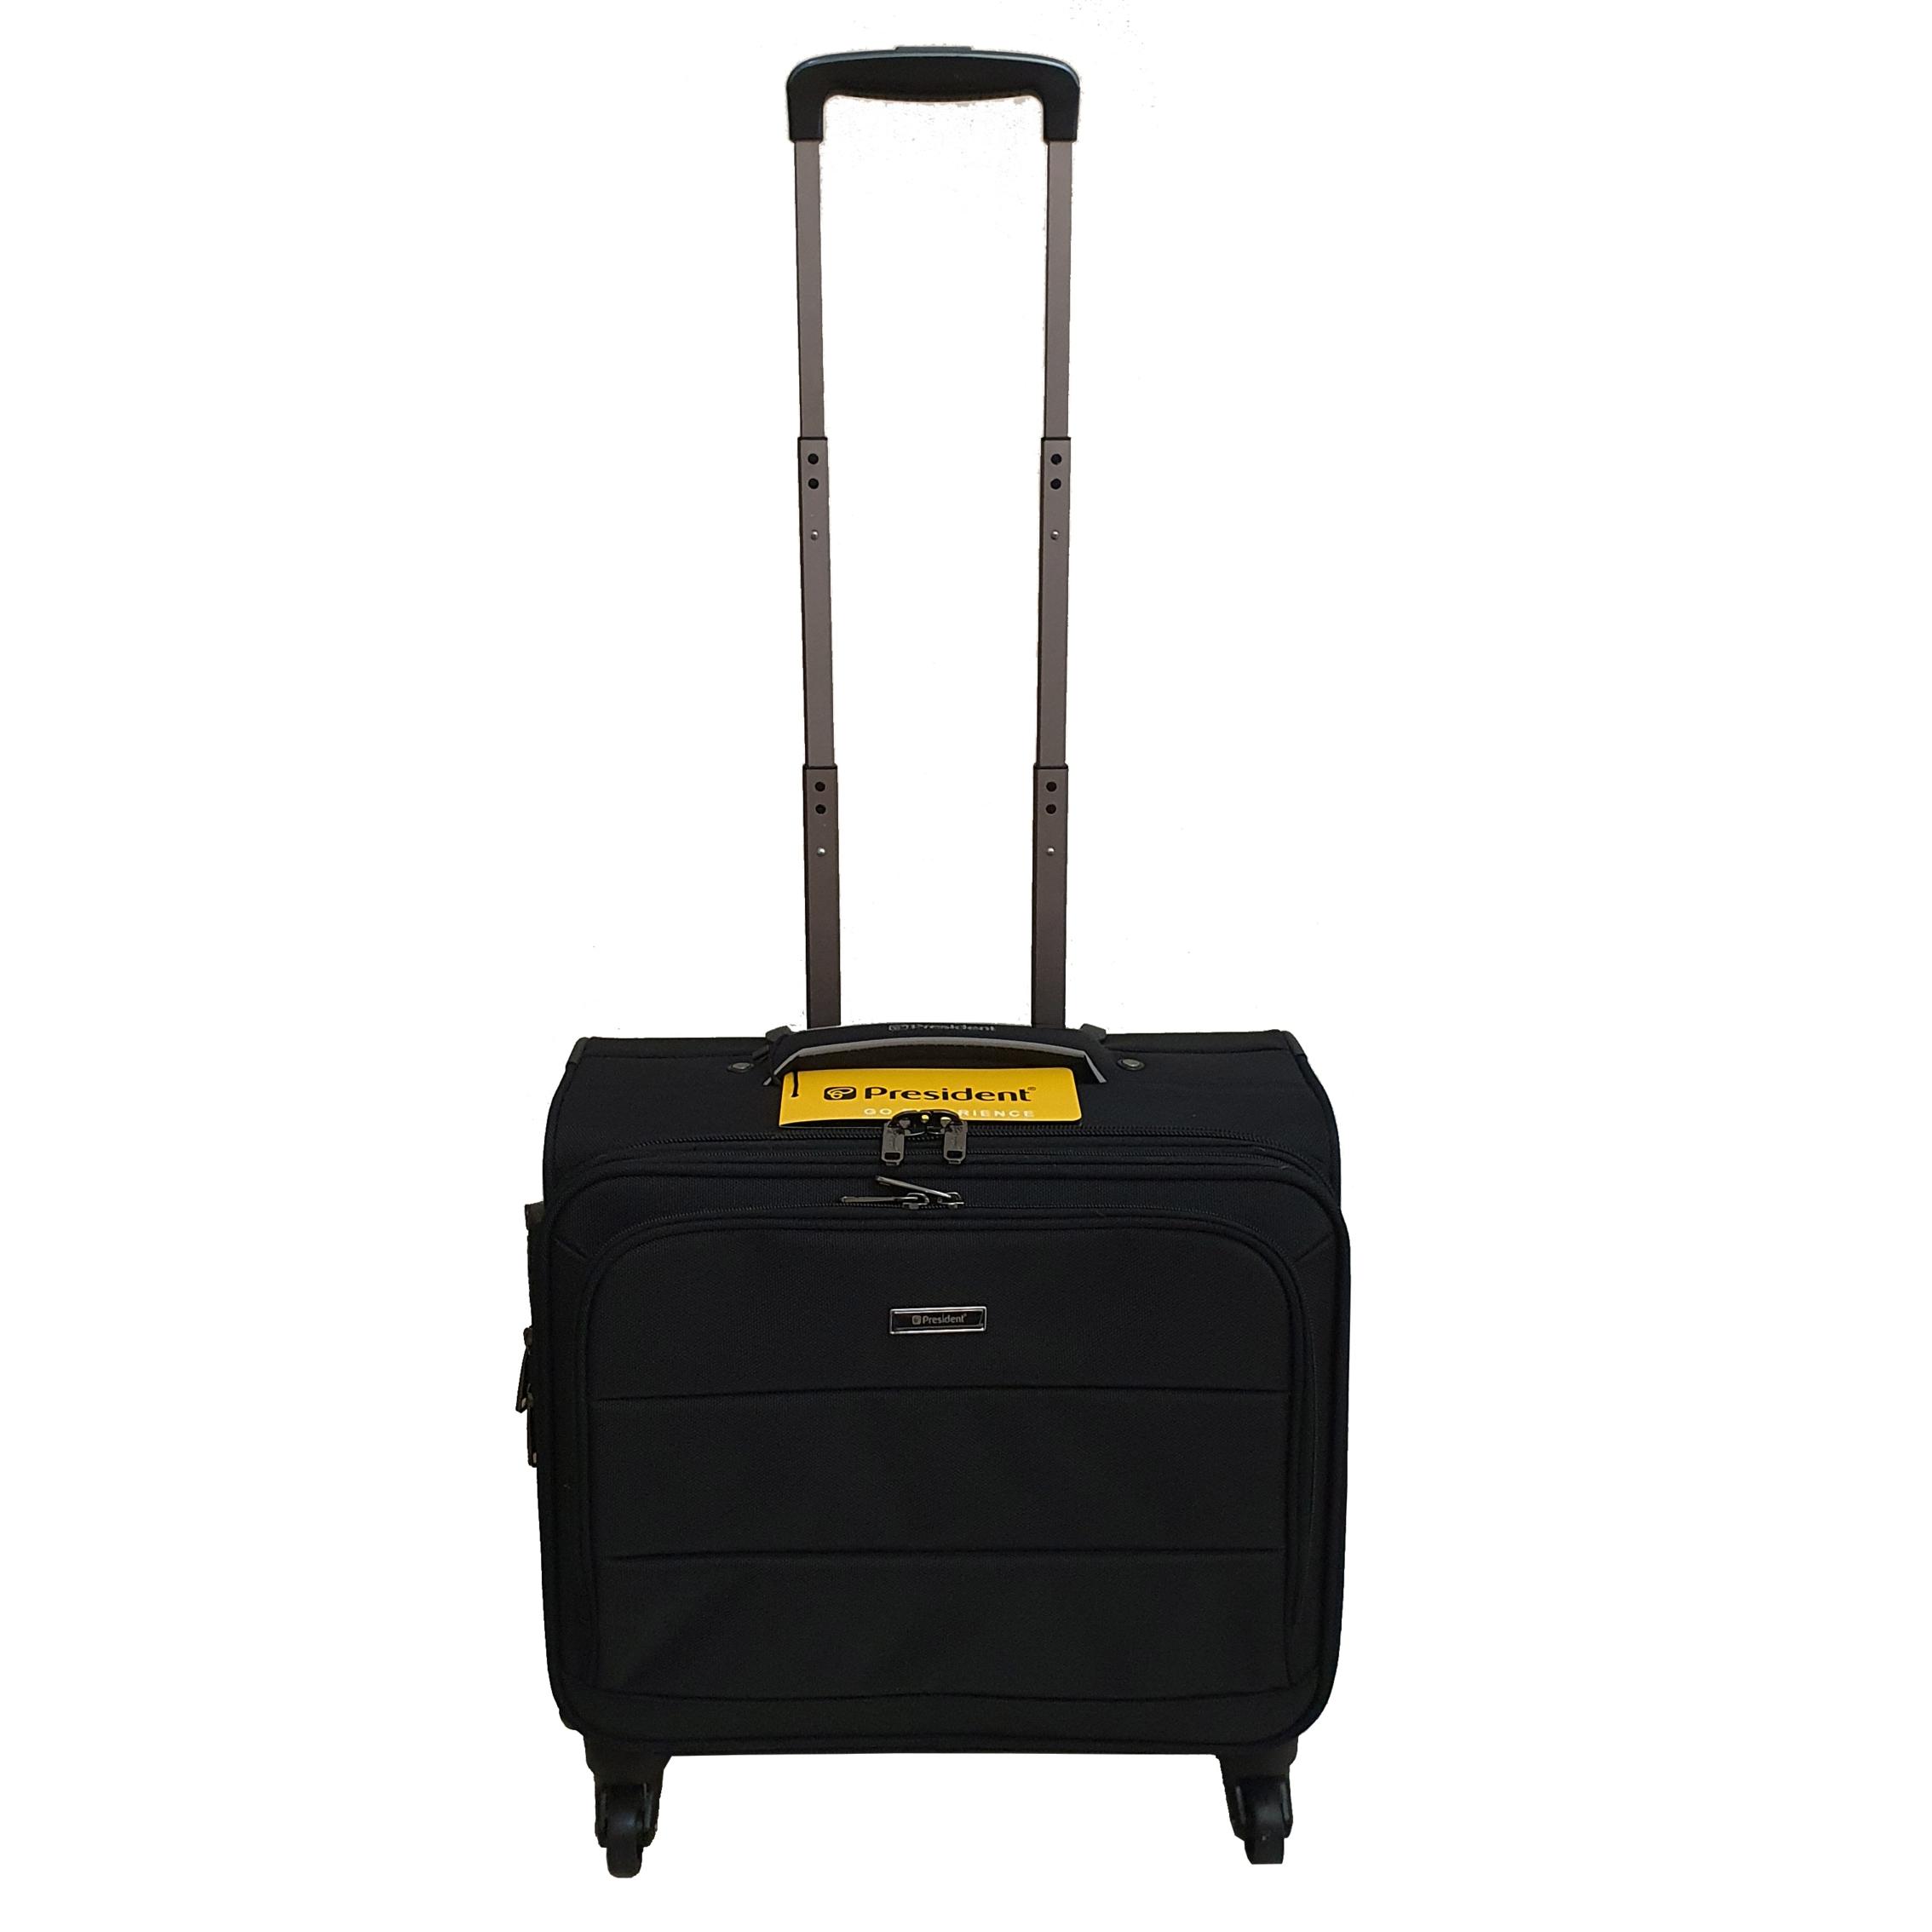 چمدان خلبانی پرزیدنت مدل 9416